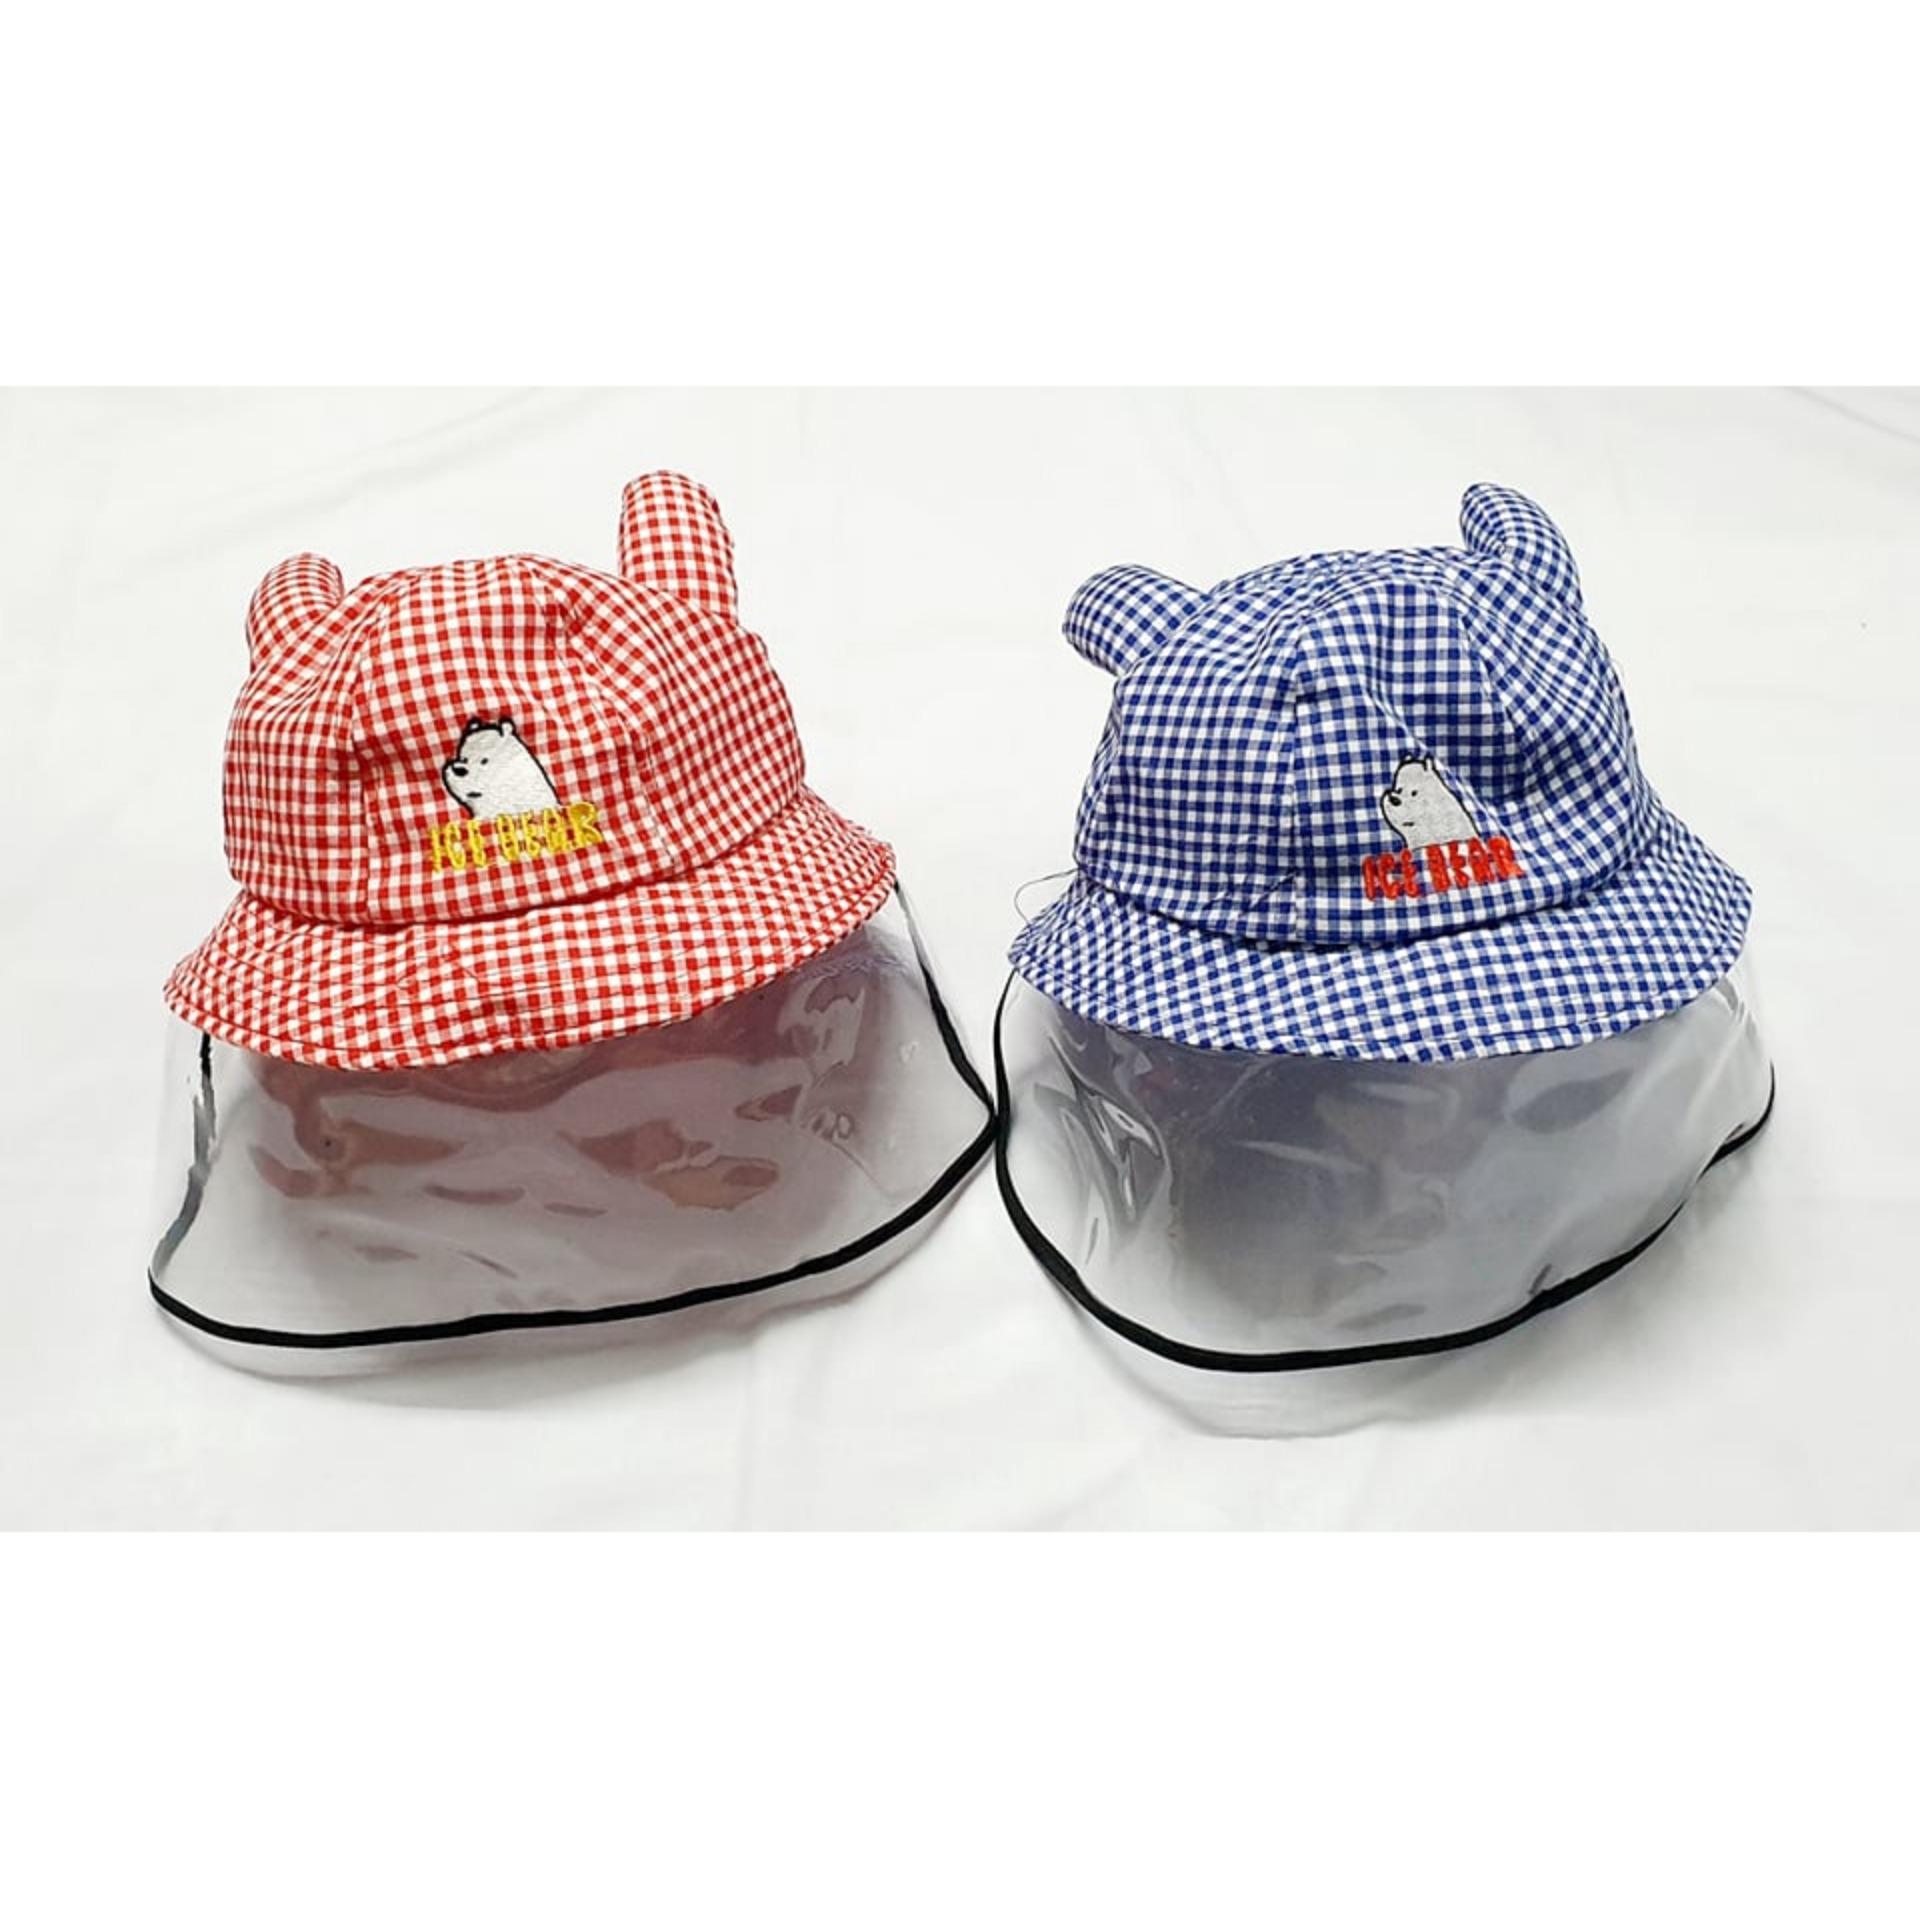 Giá bán Nón chống khói bụi cho bé có màn nhựa trong (đường kính nón 7cm)